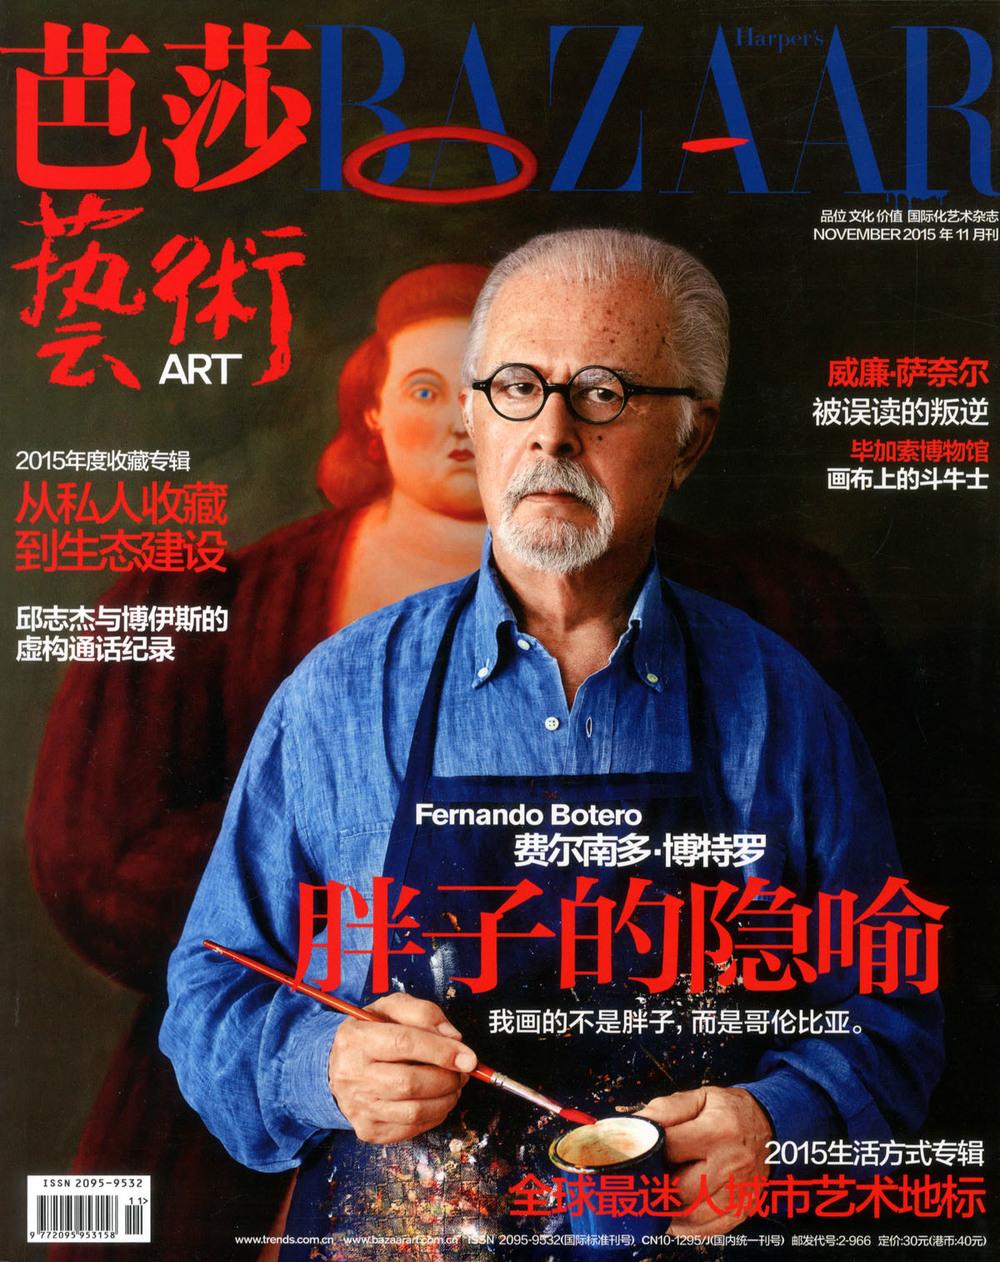 China-BAZAAR ART(芭莎艺术)-November-P281-1.jpg